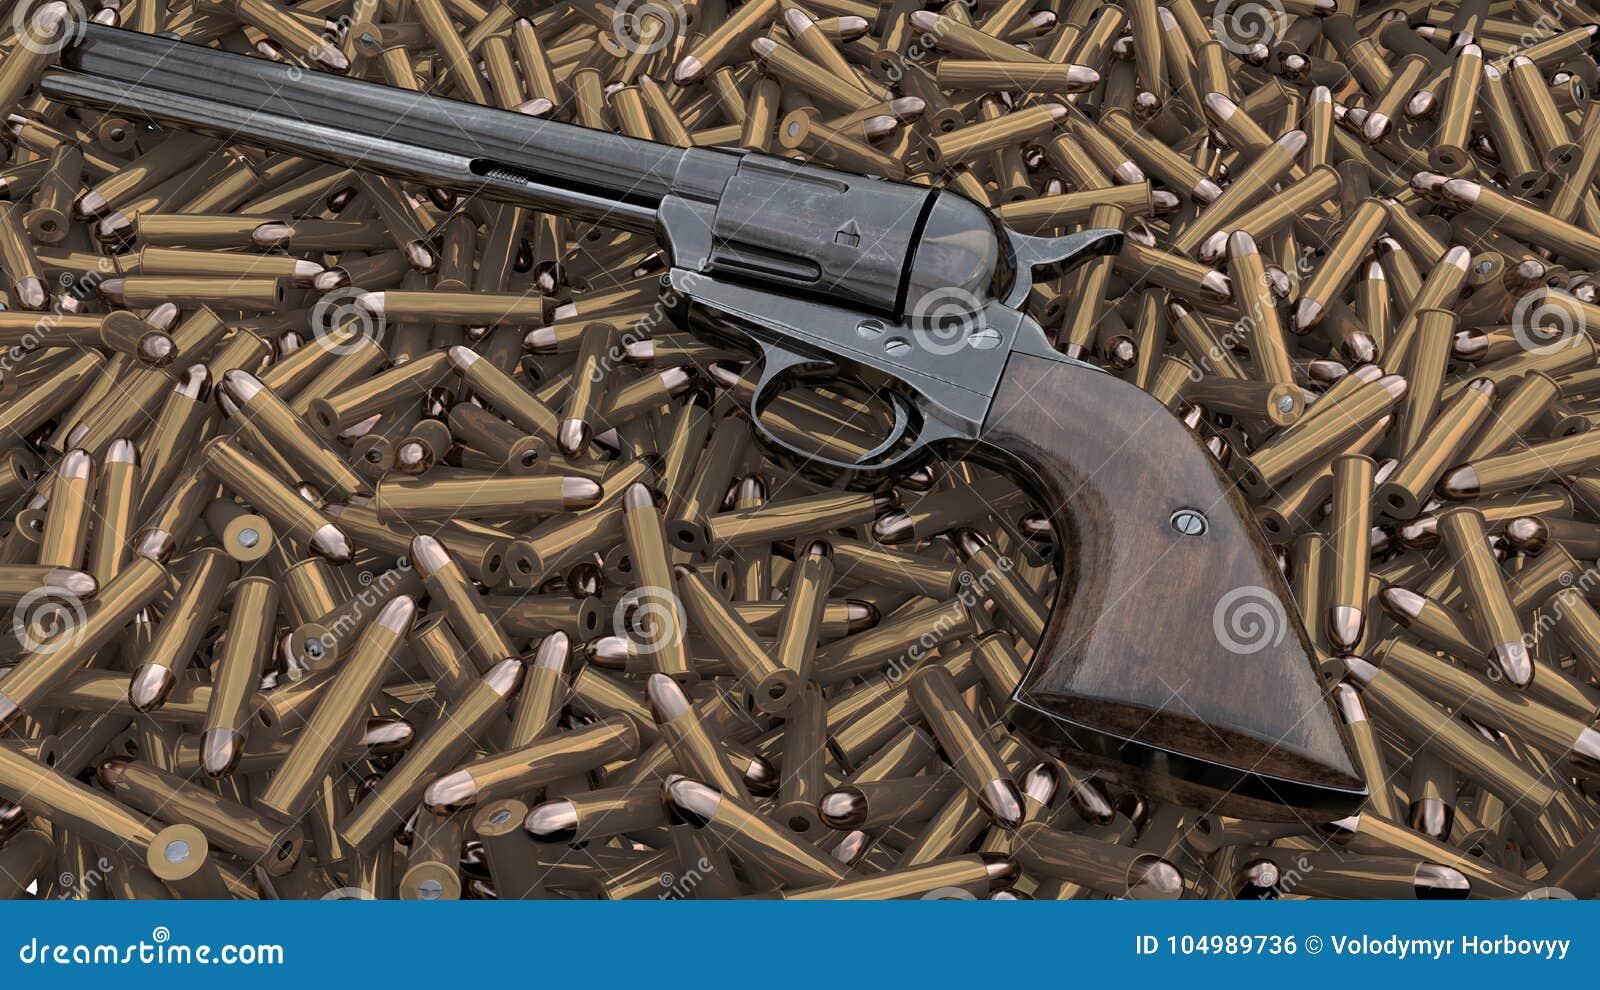 Vintage revolver background. 3D render